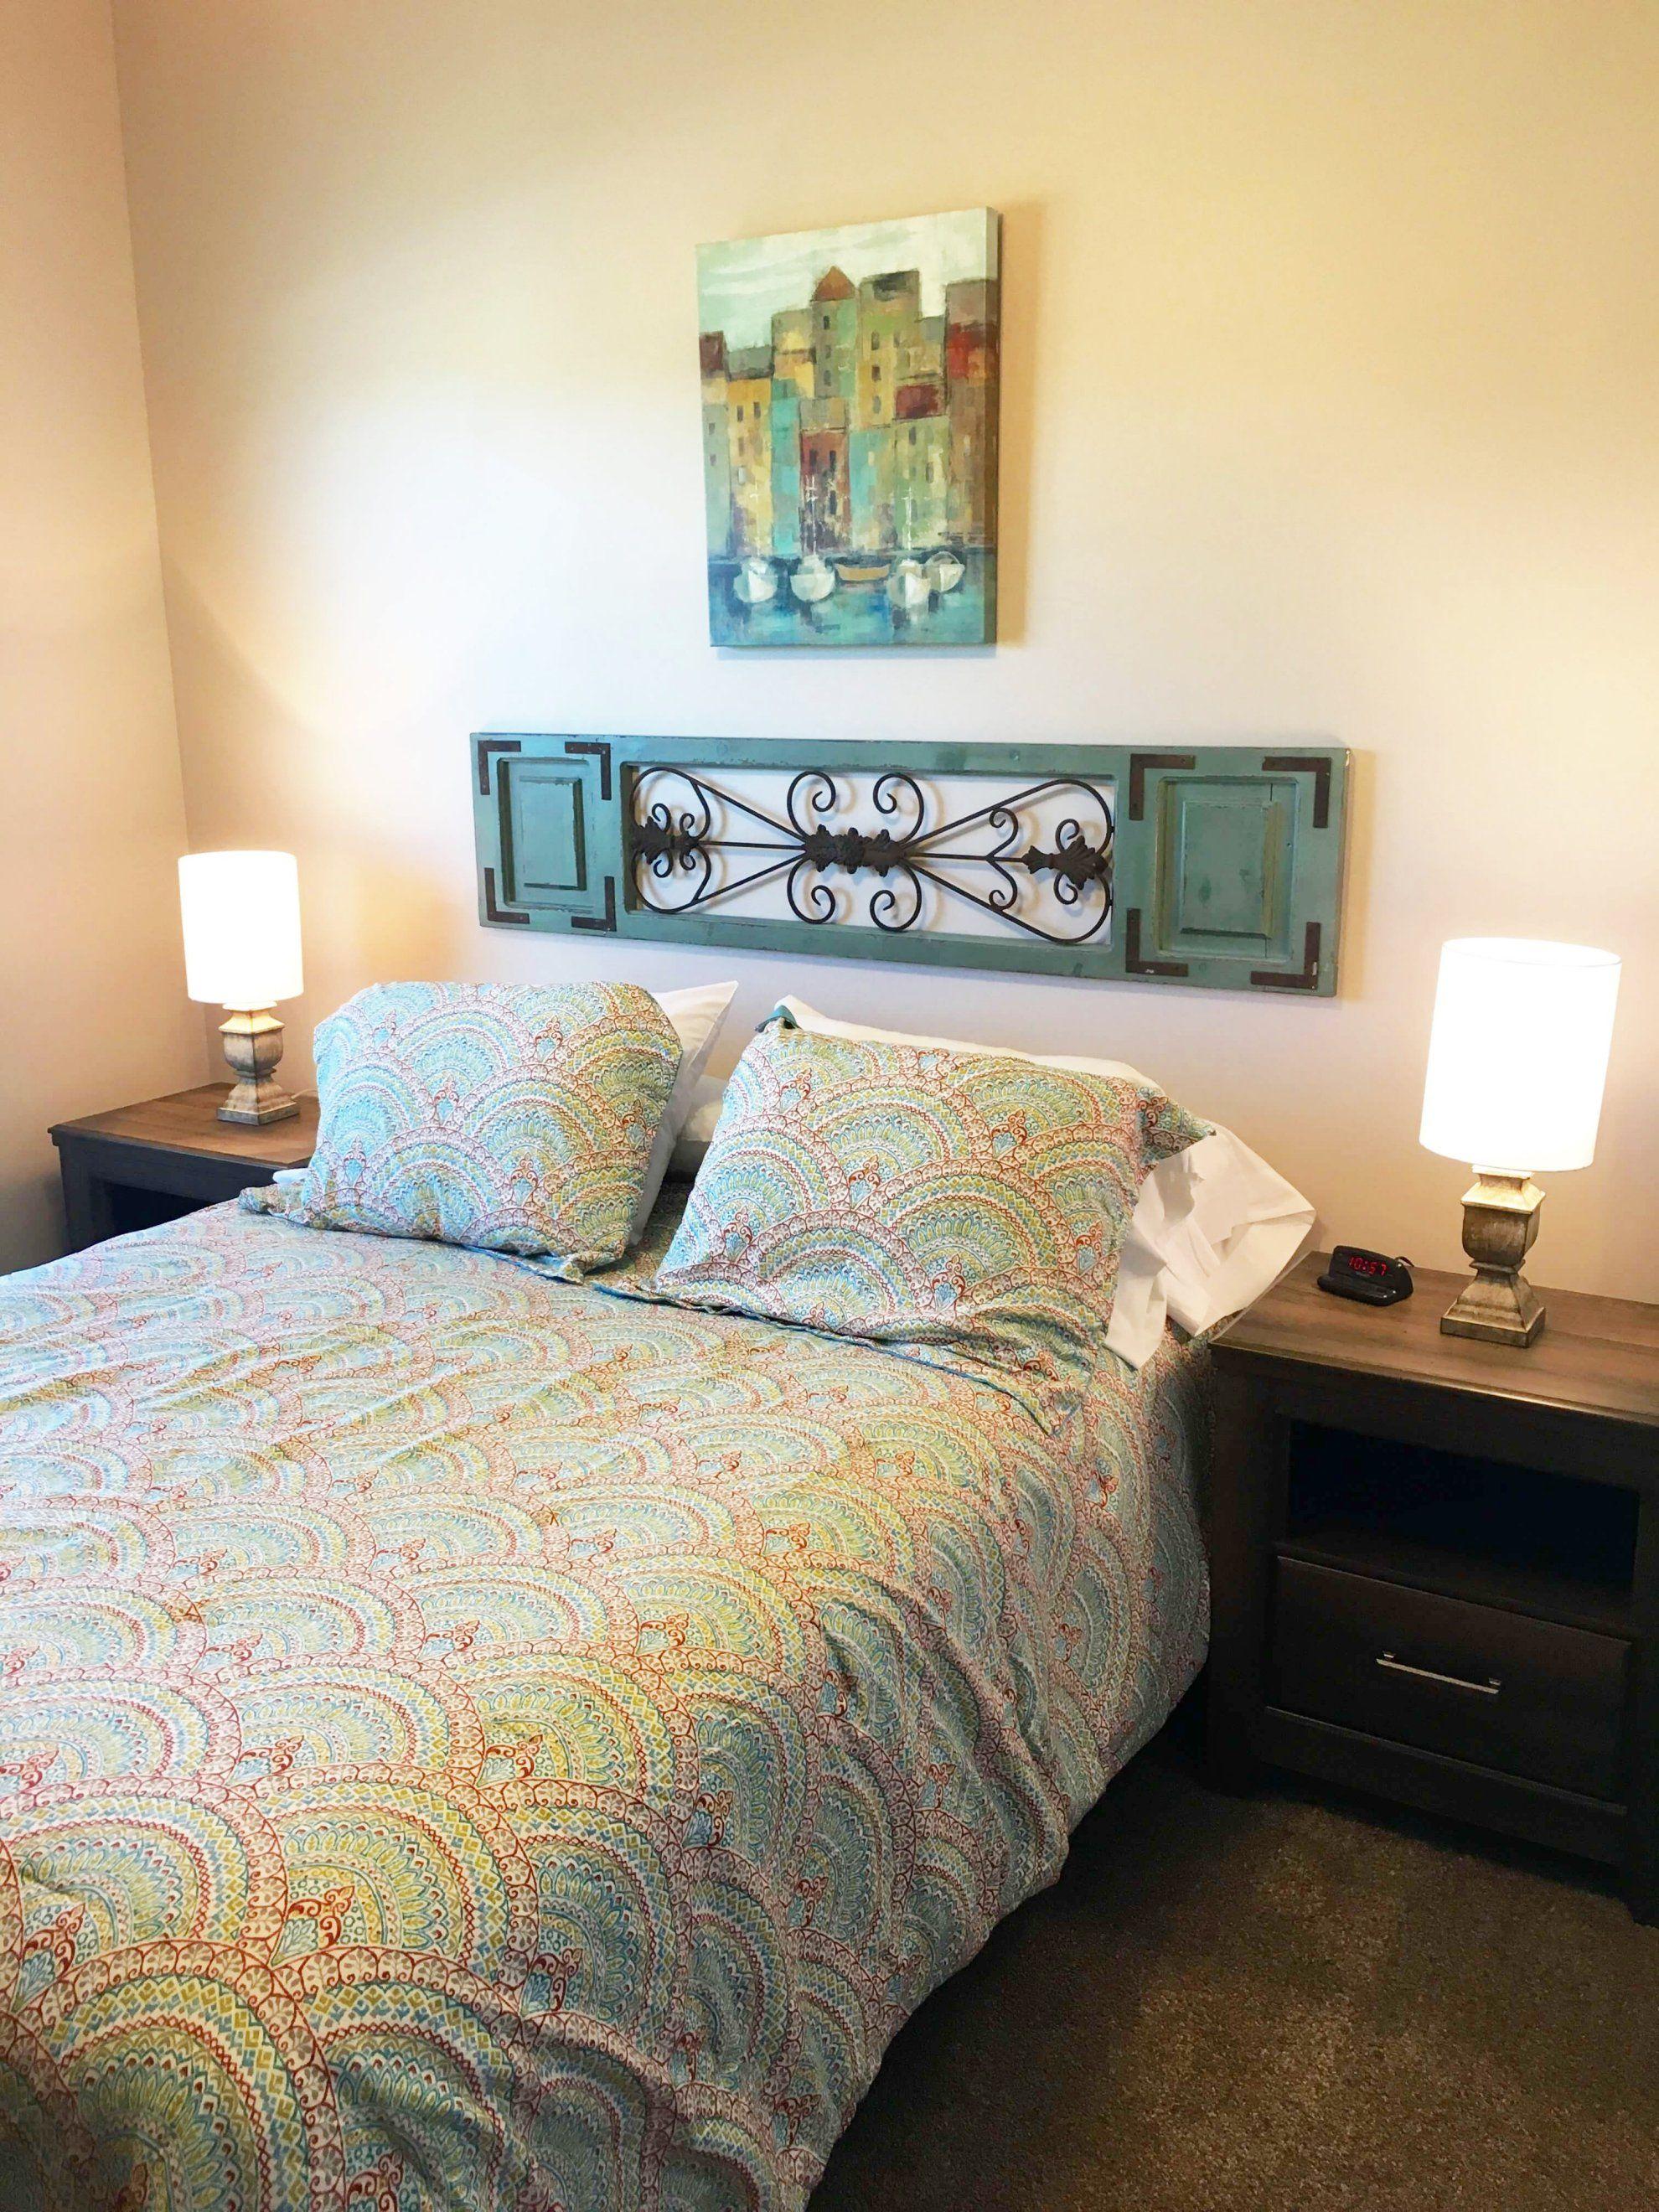 田园风格房间床头背景墙设计效果图